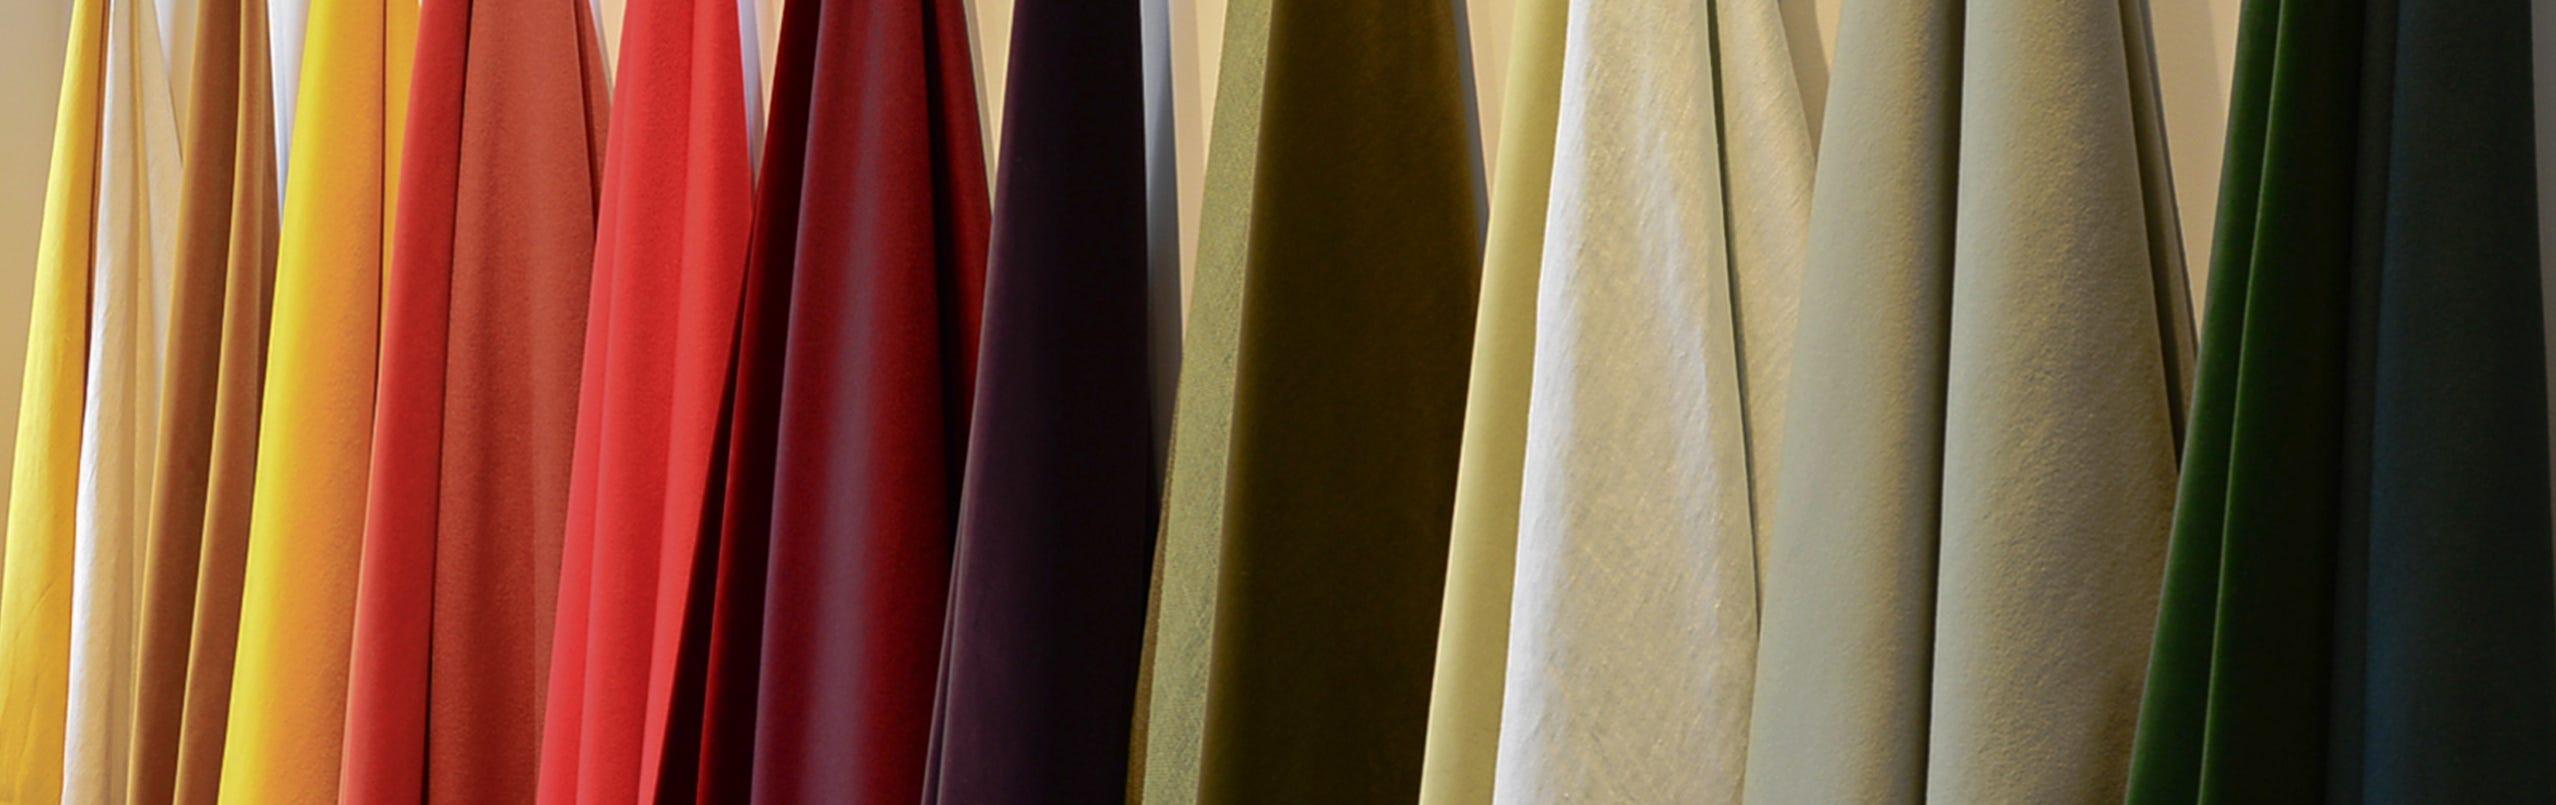 RU  Fabric